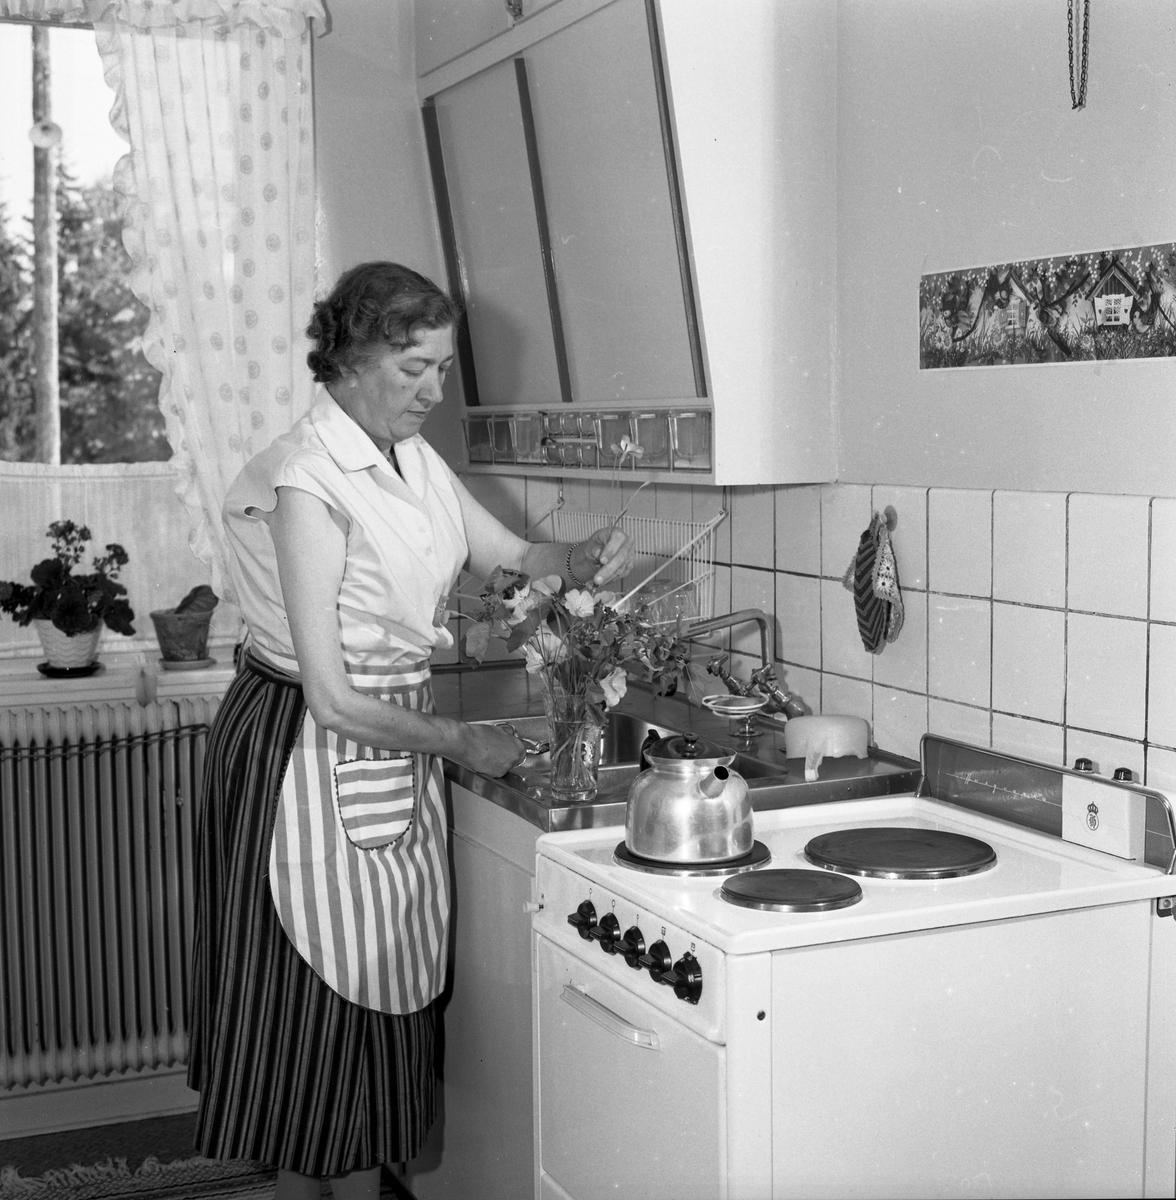 Fru Blomberg, (maka till Jakob Blomberg på Arboga Mekaniska Verkstad) i köket. Hon står vid diskbänken och arrangerar blommor i en vas. Kaffepannan står på spisen. Det står krukväxter på fönsterbrädan. AMV